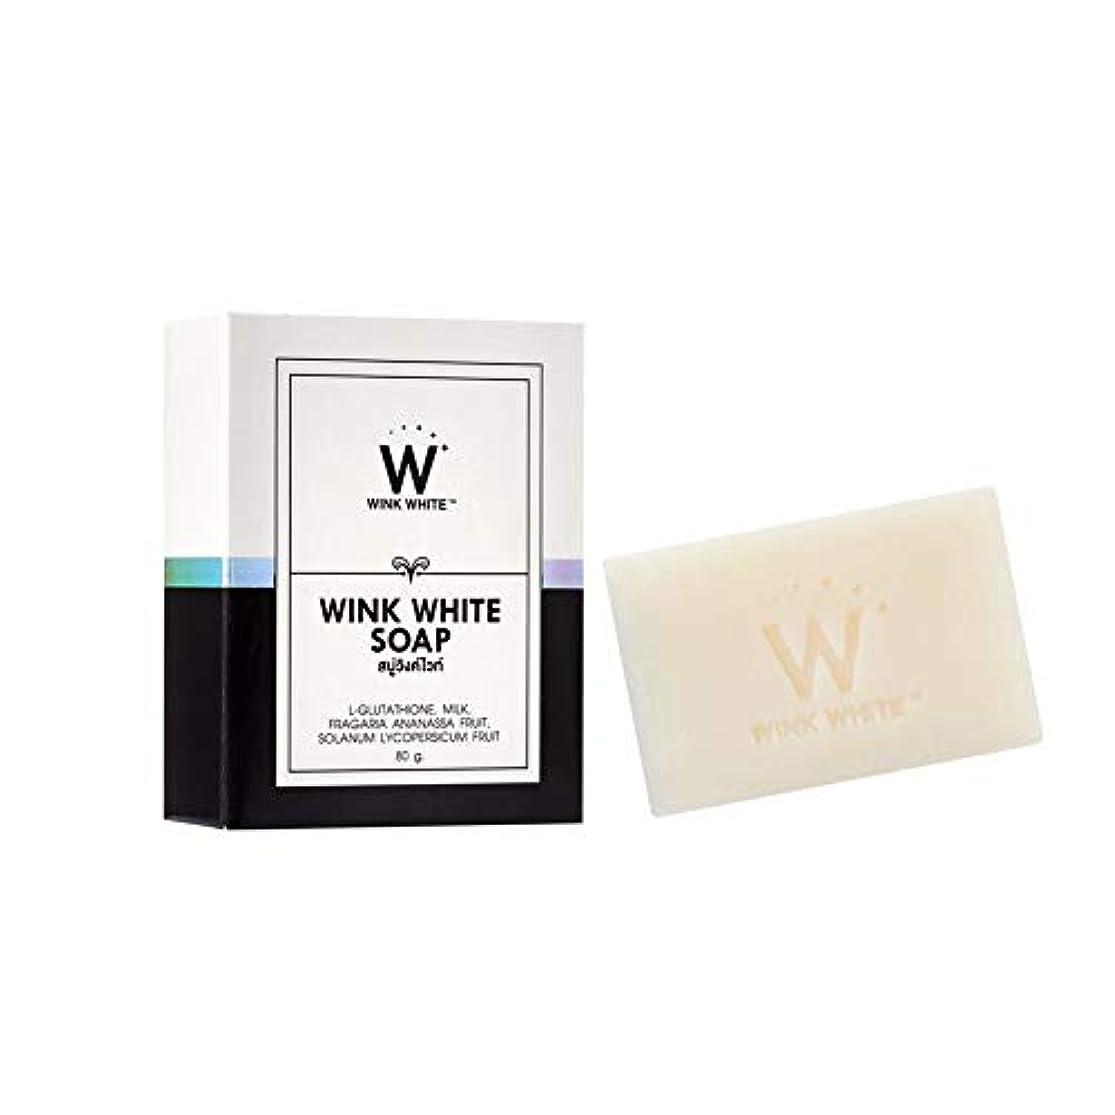 掃除箱歌詞Soap Net Nature White Soap Base Wink White Soap Gluta Pure Skin Body Whitening Strawberry for Whitening Skin All Natural Milled Goats Milk